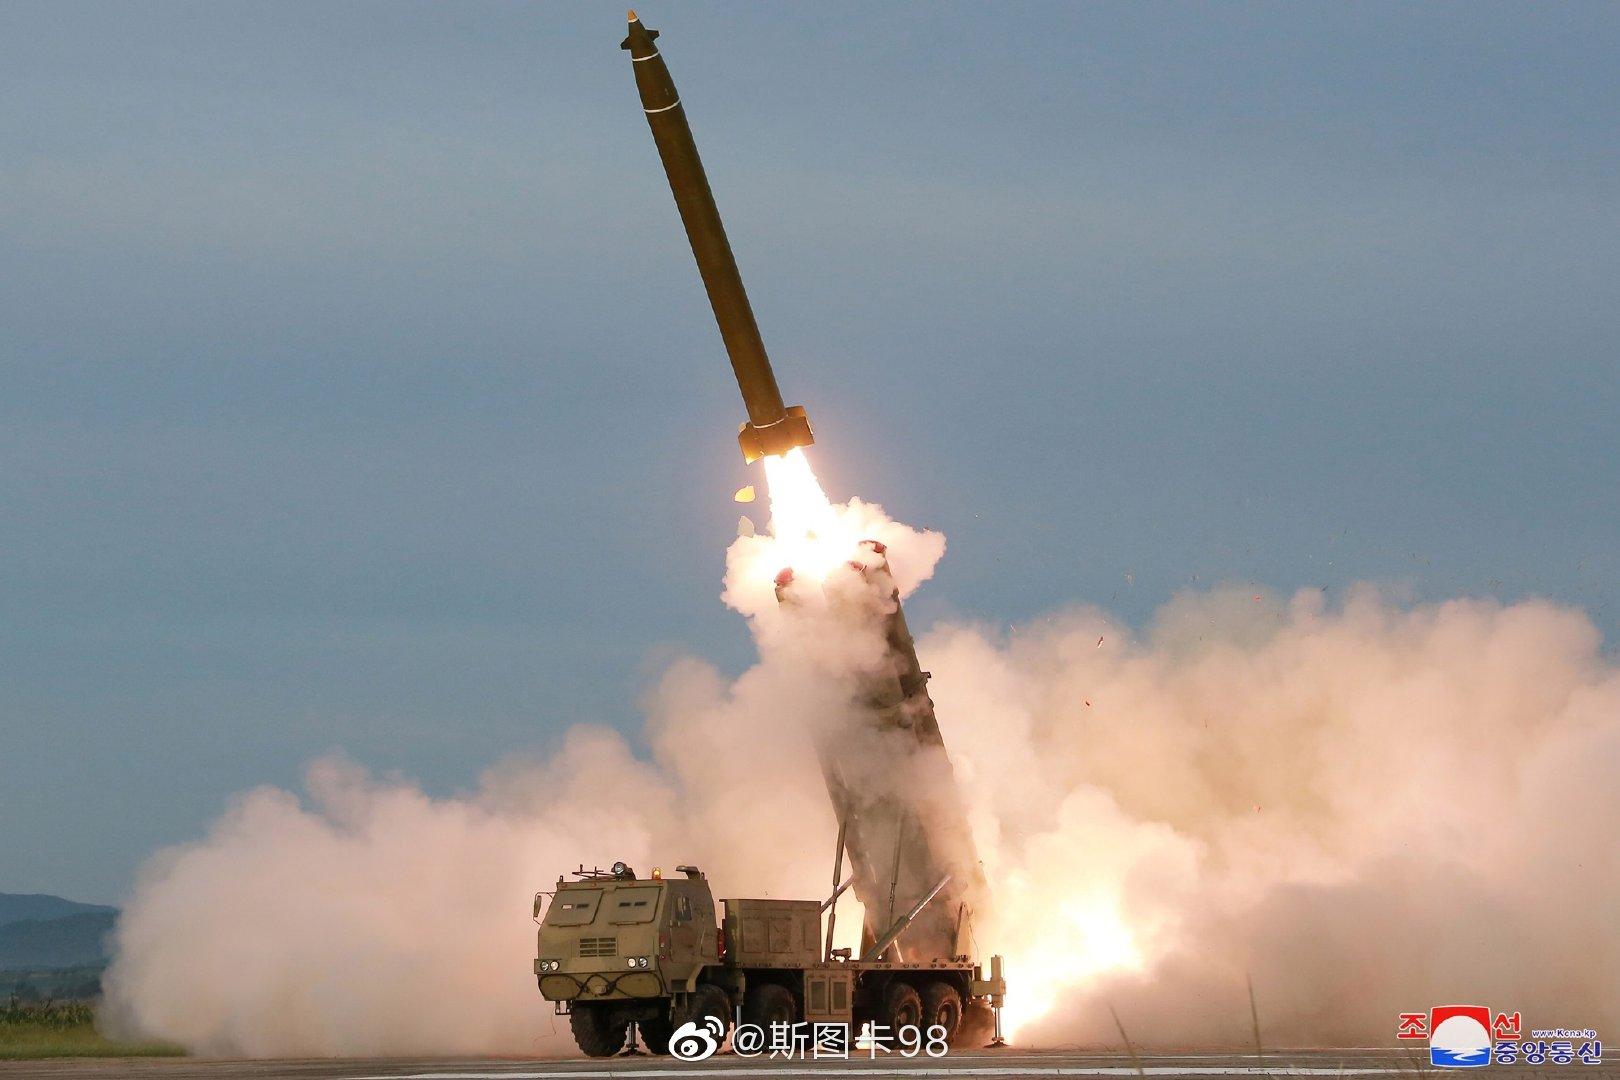 曹县昨日发布试射制导多管火箭炮照片,预计口径可能达到400MM